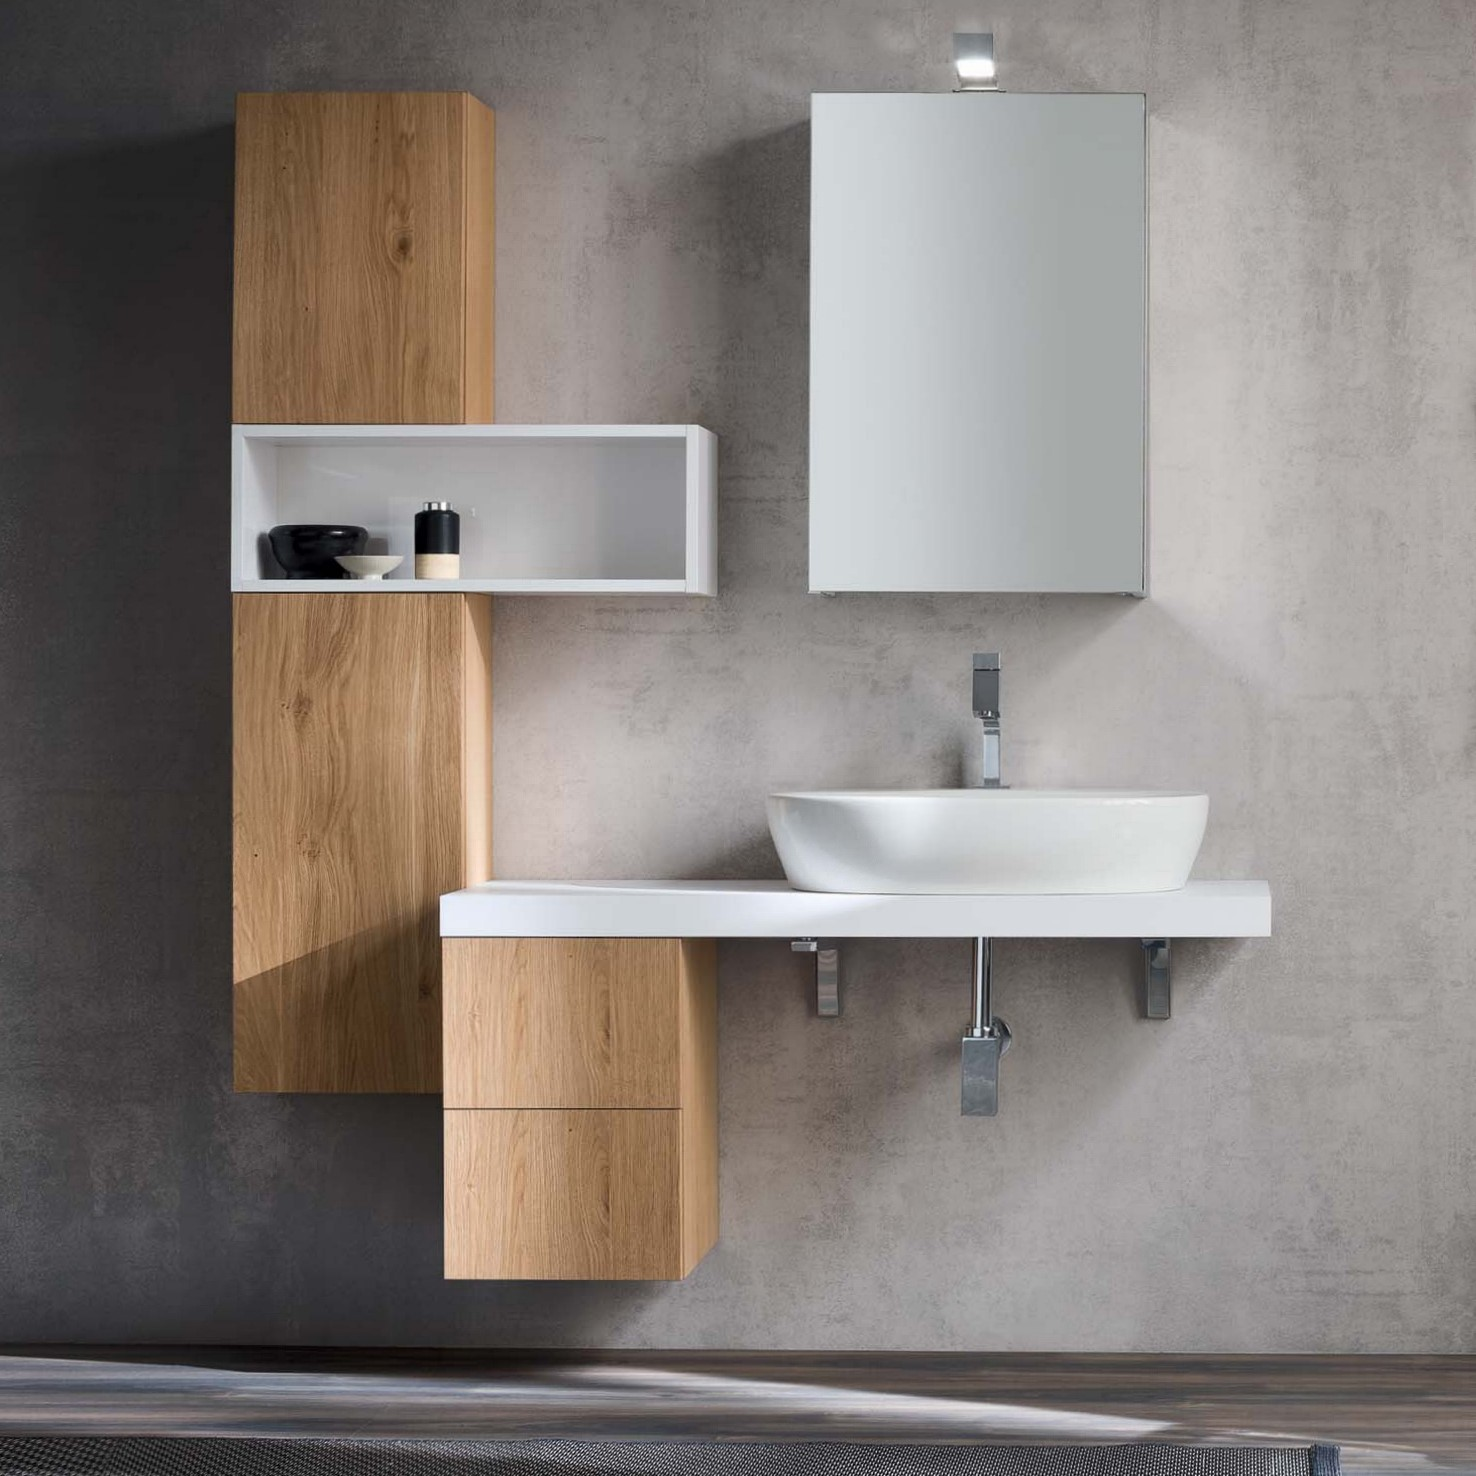 Idee mobile bagno moderno una mensola per il lavabo for Mobile da bagno